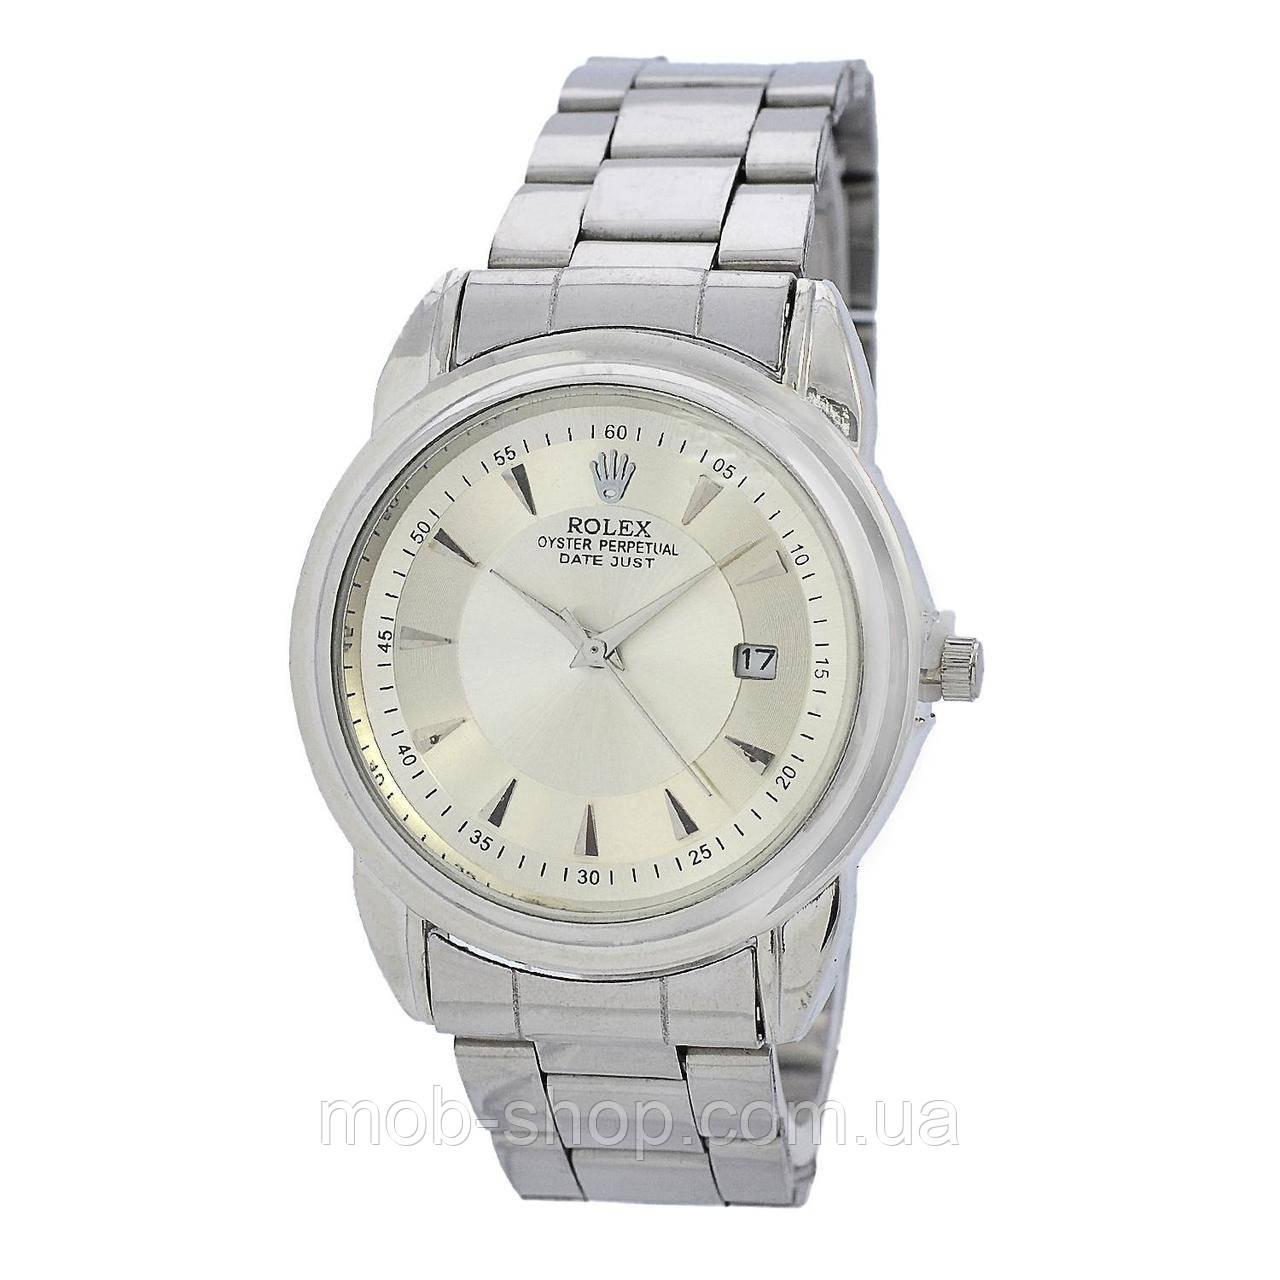 Наручные часы Rolex SSVR-1020-0275